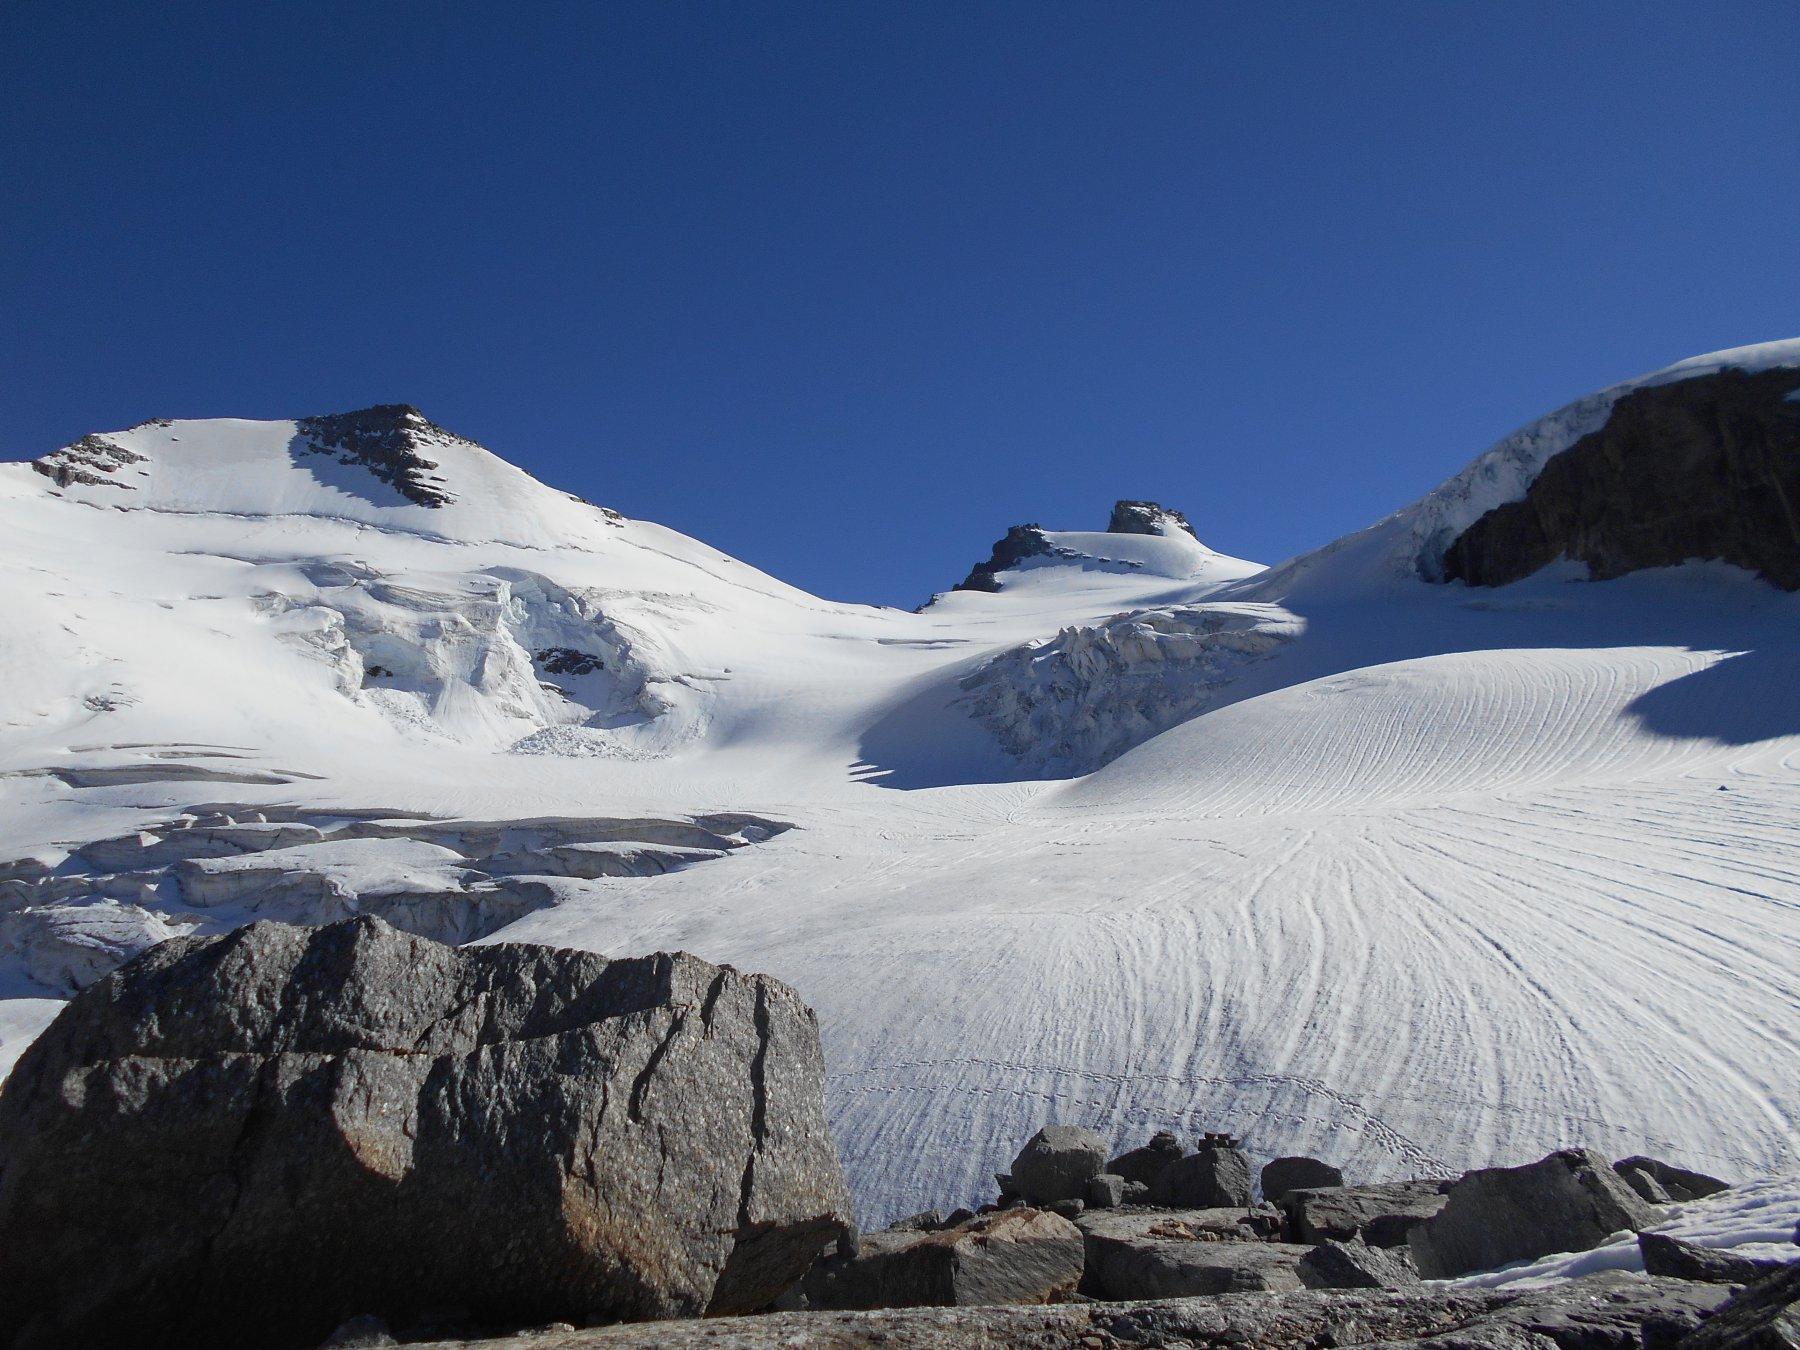 Ceresole (Punta di) da Valnontey e il colle di Chamonin, il versante sud e la cresta Est 2016-07-17